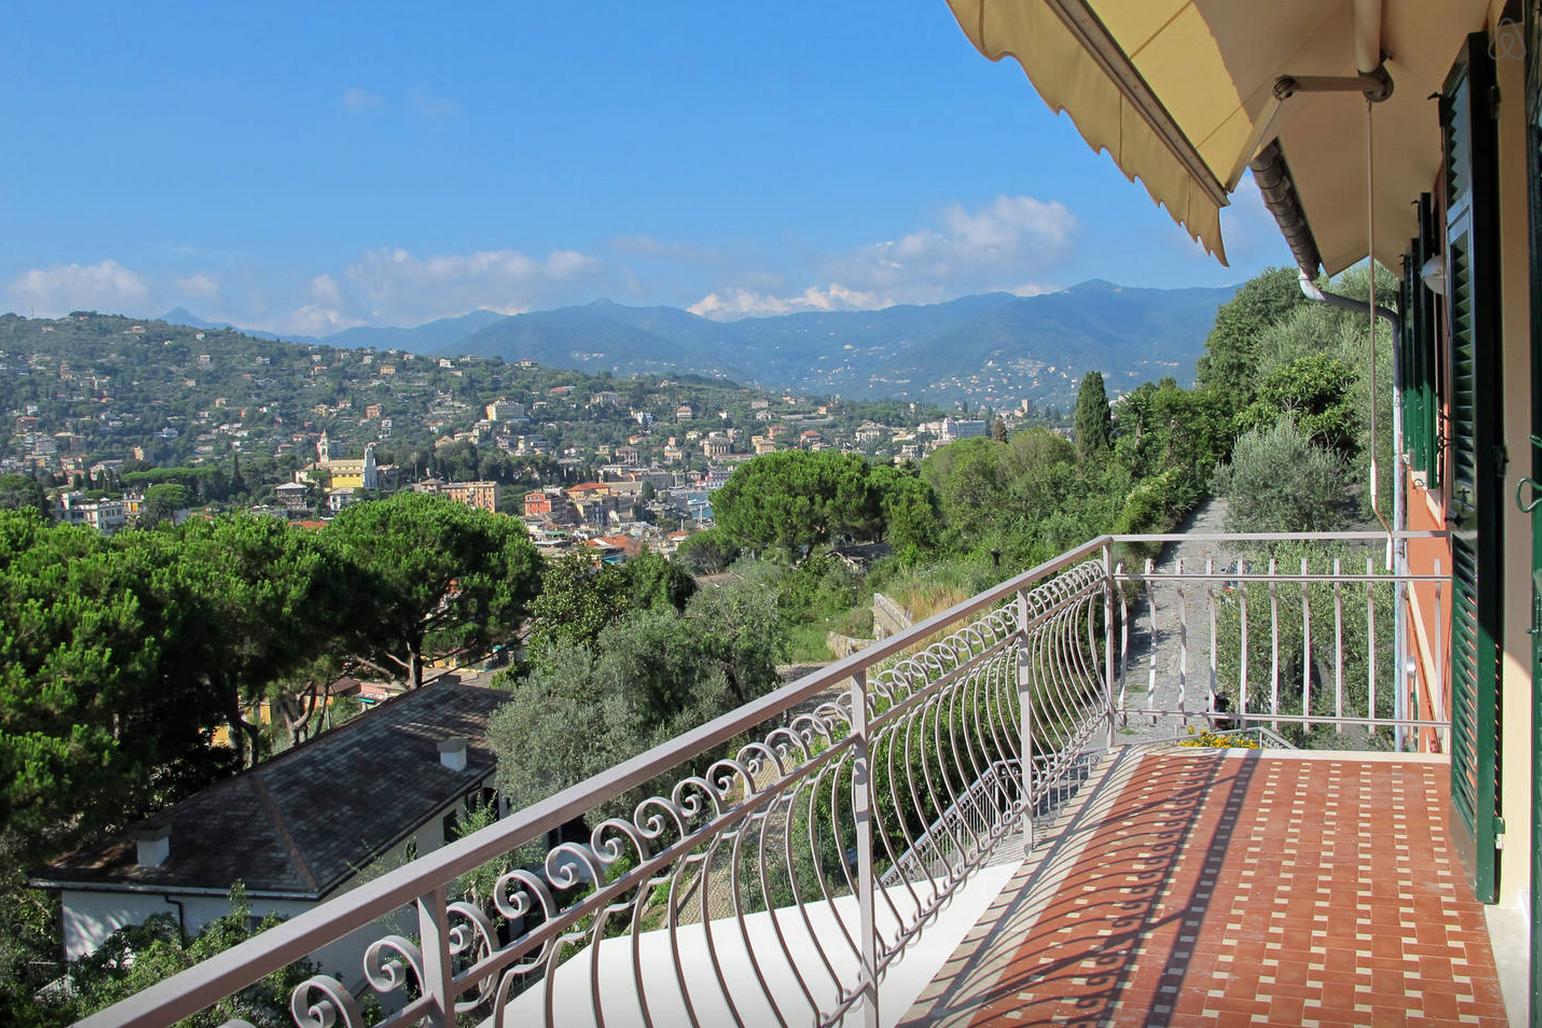 appartement en Italie loué grâce à Airbnb